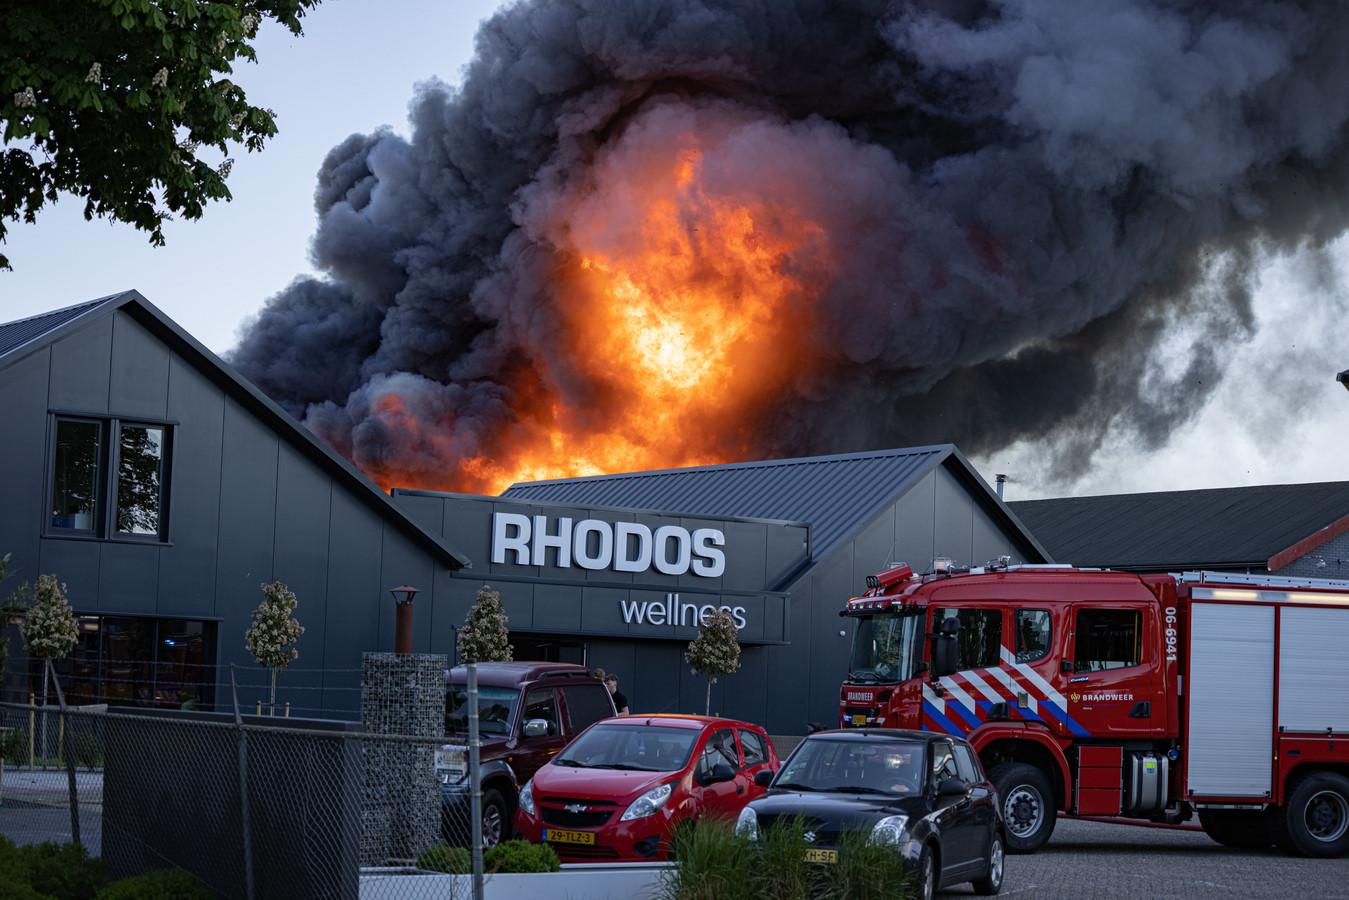 Grote brand bij Rhodos Wellness in Oldebroek. Het blussen duurde uren.